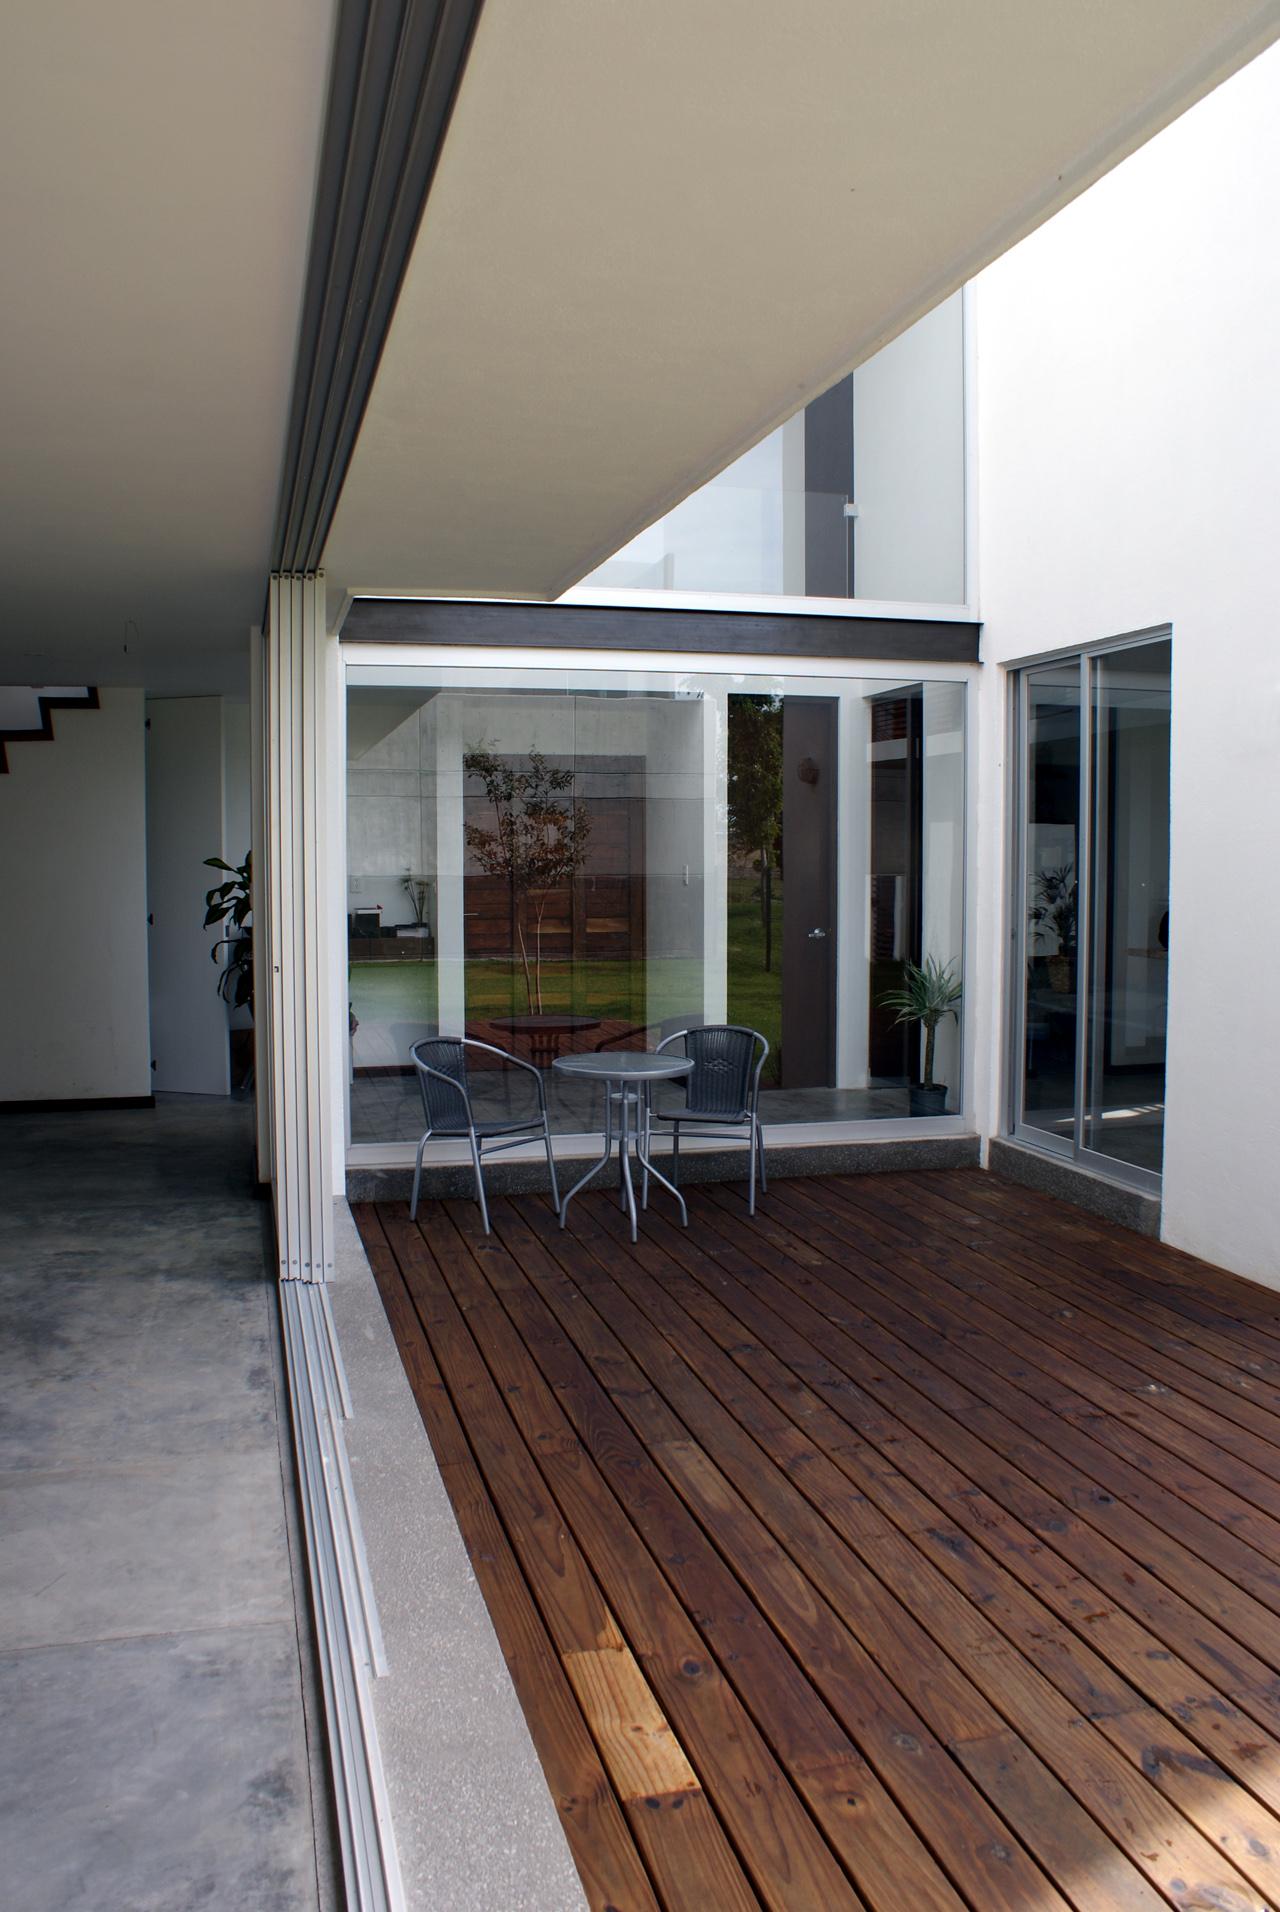 Galeria de casa bitos dionne arquitectos 14 for Arquitectos para casas